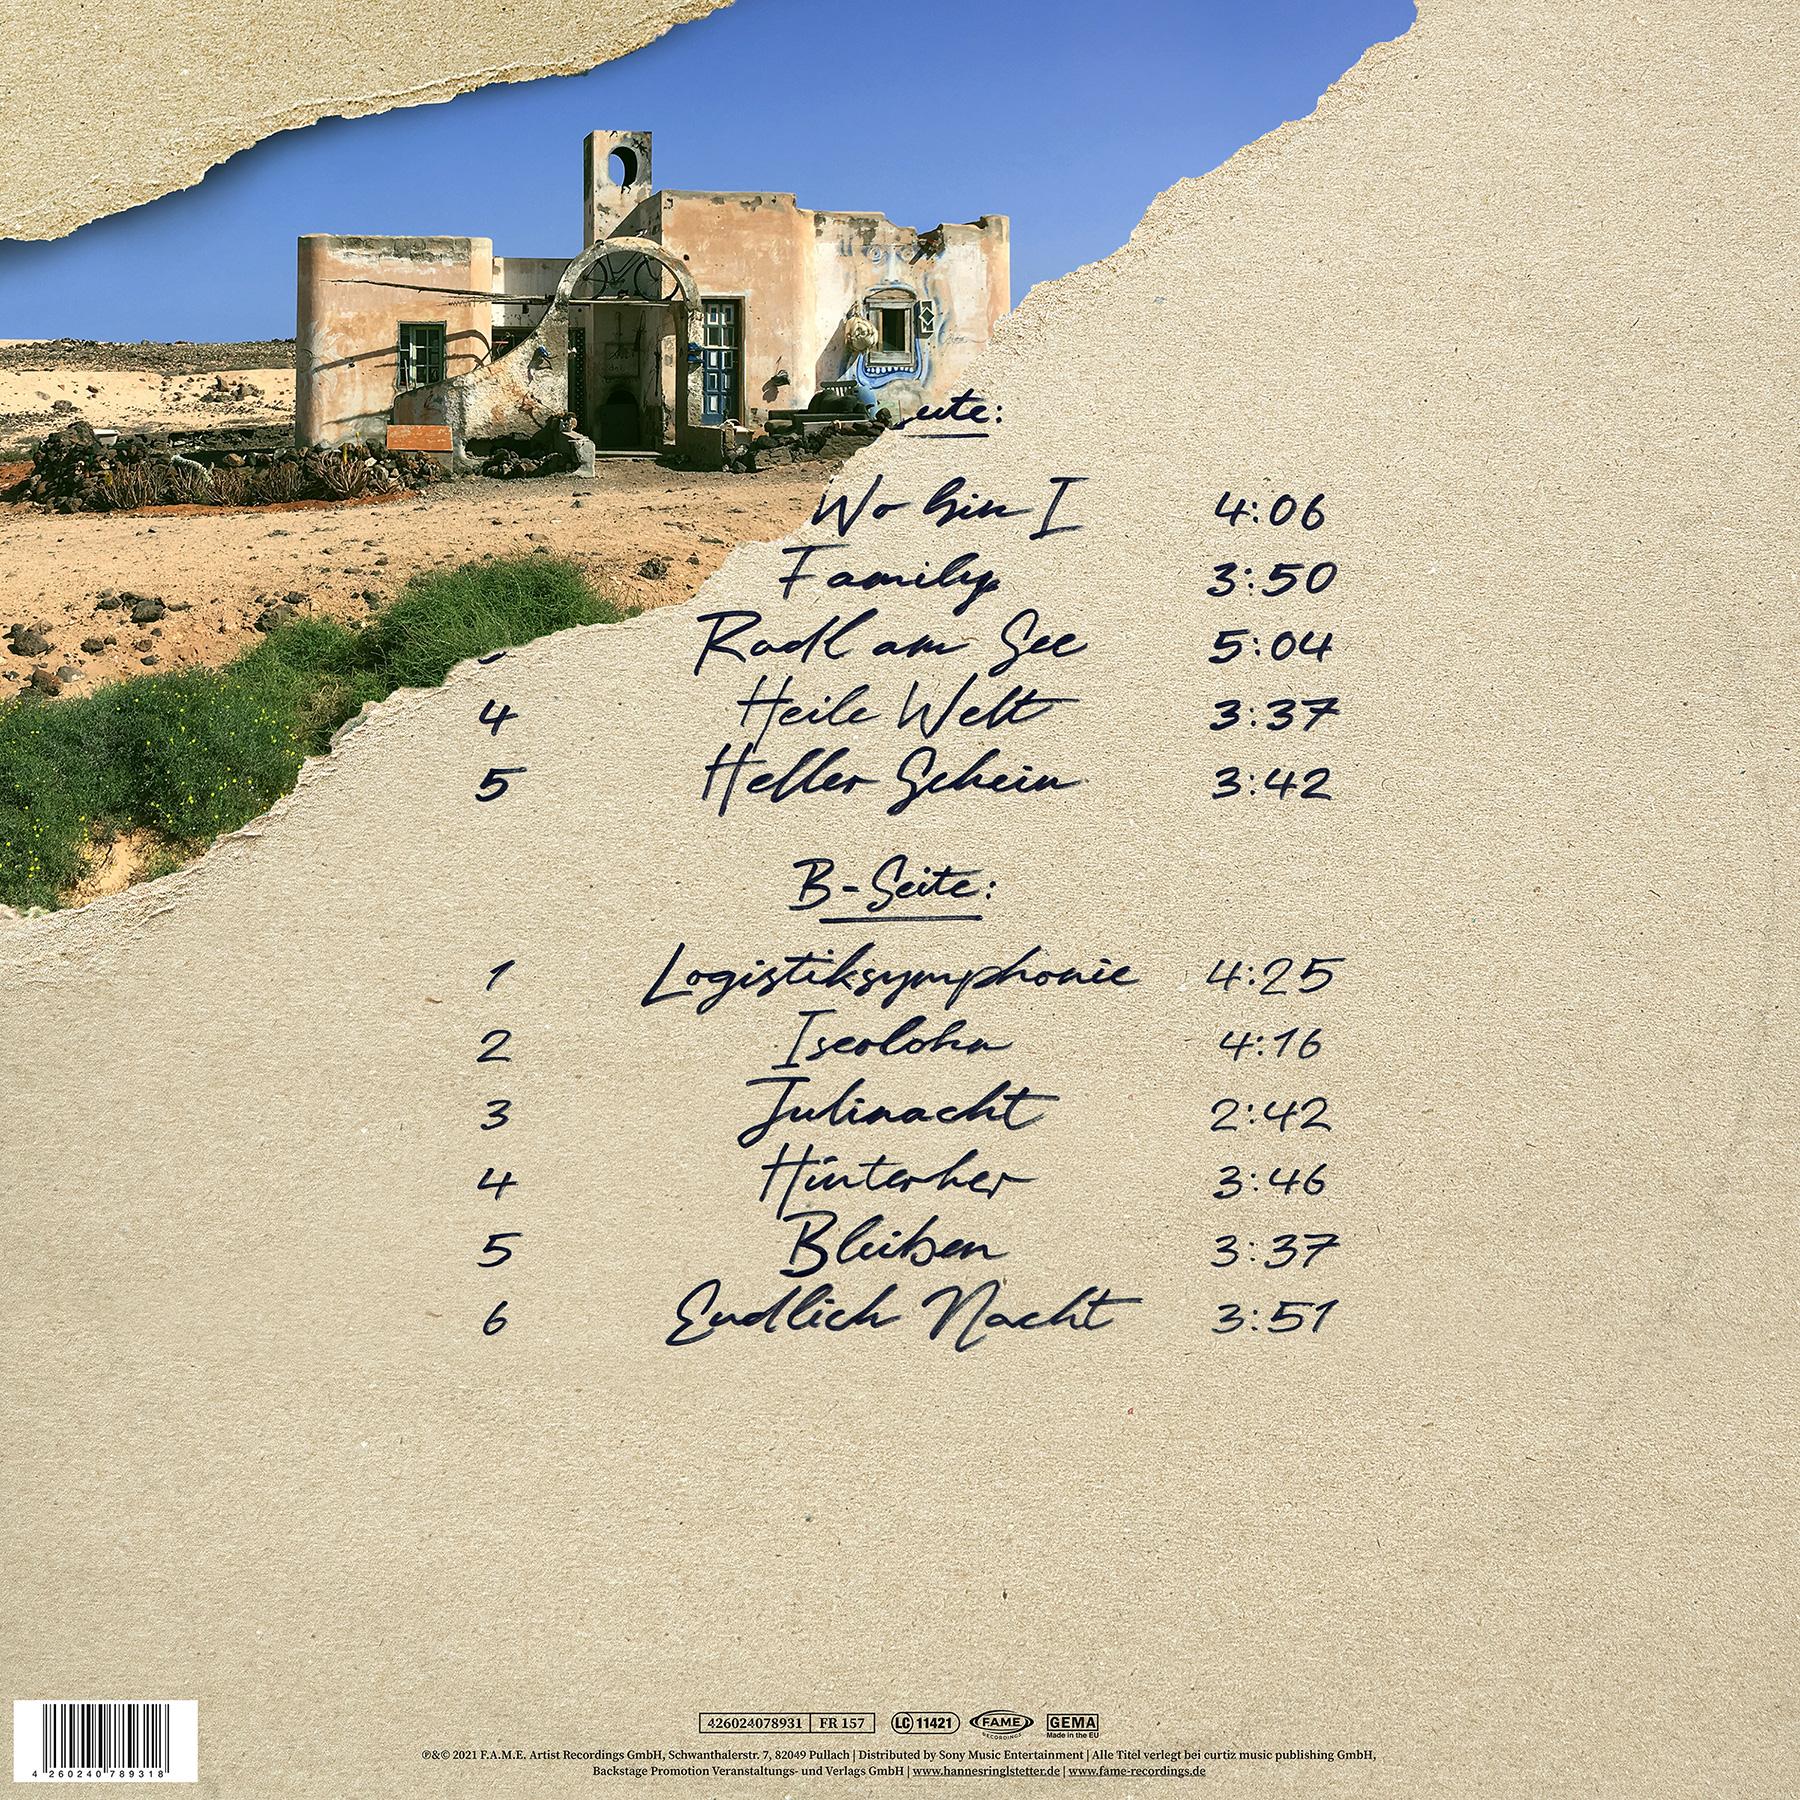 Ringlstetter Heile Welt LP